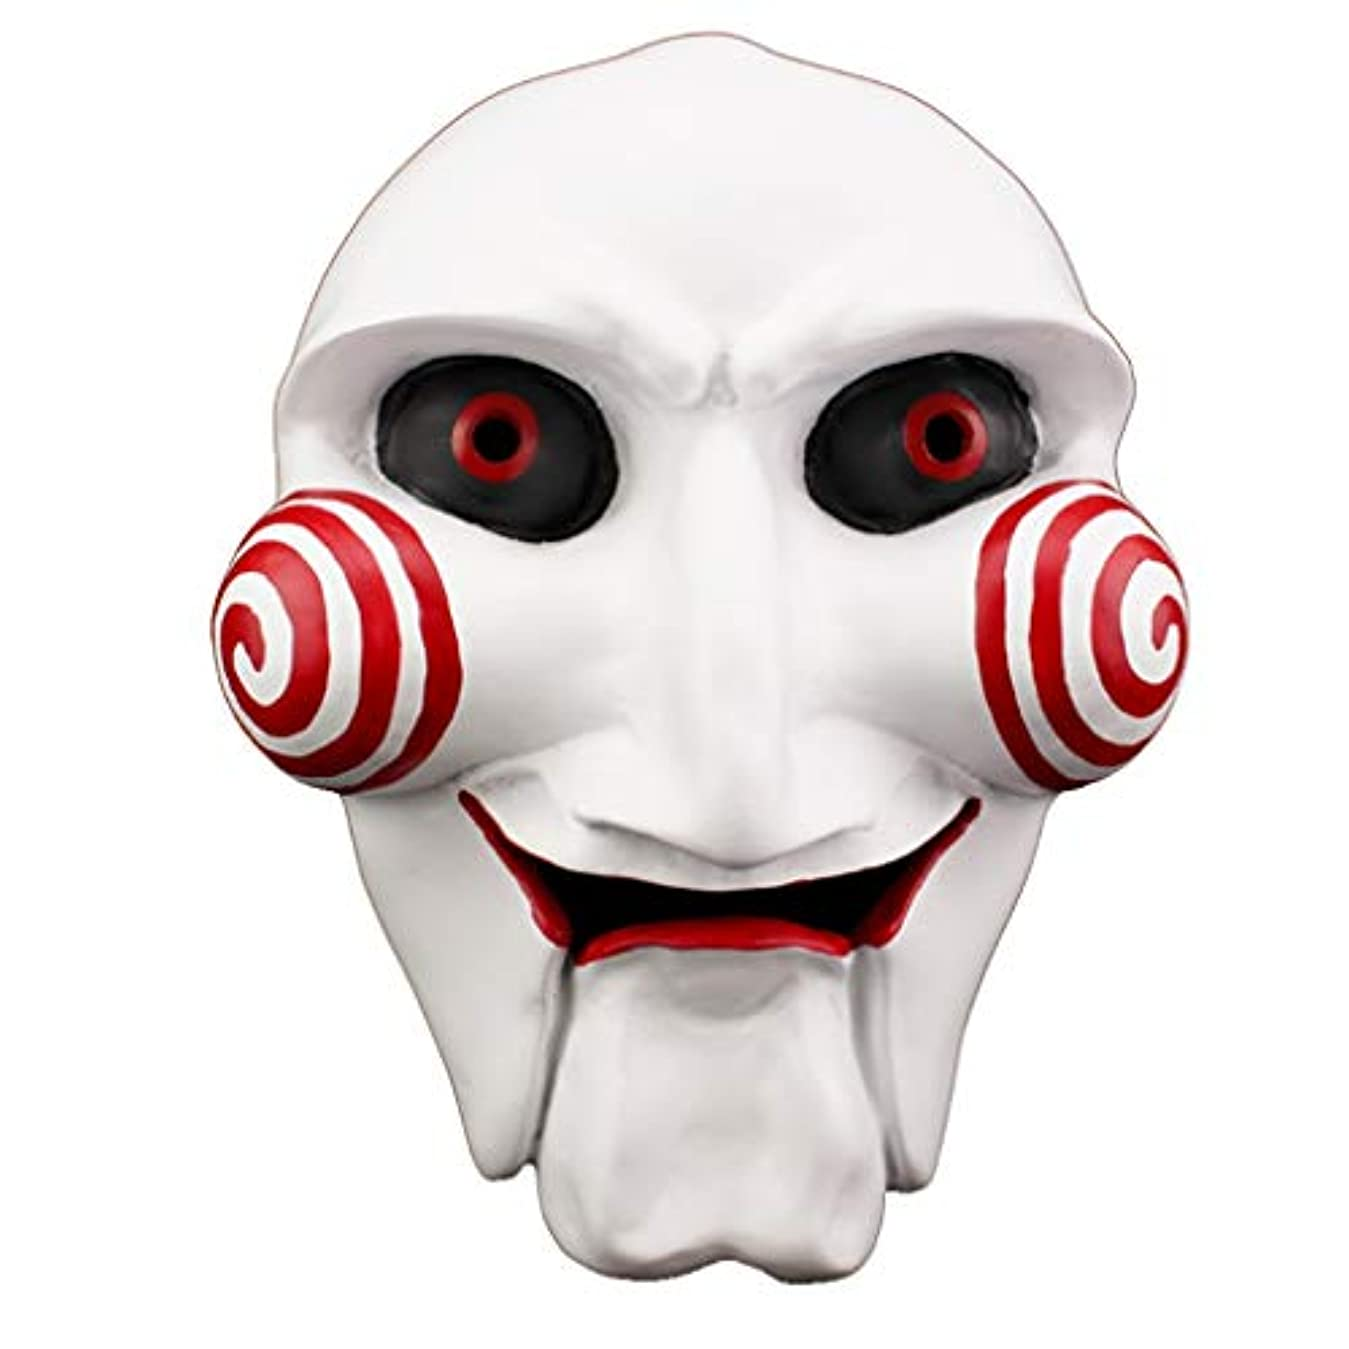 アドバイス解明する好意ハロウィンホラーマスク、チェーンソークリプトテーママスクマスカレード樹脂マスク(22.5 * 12 cm)